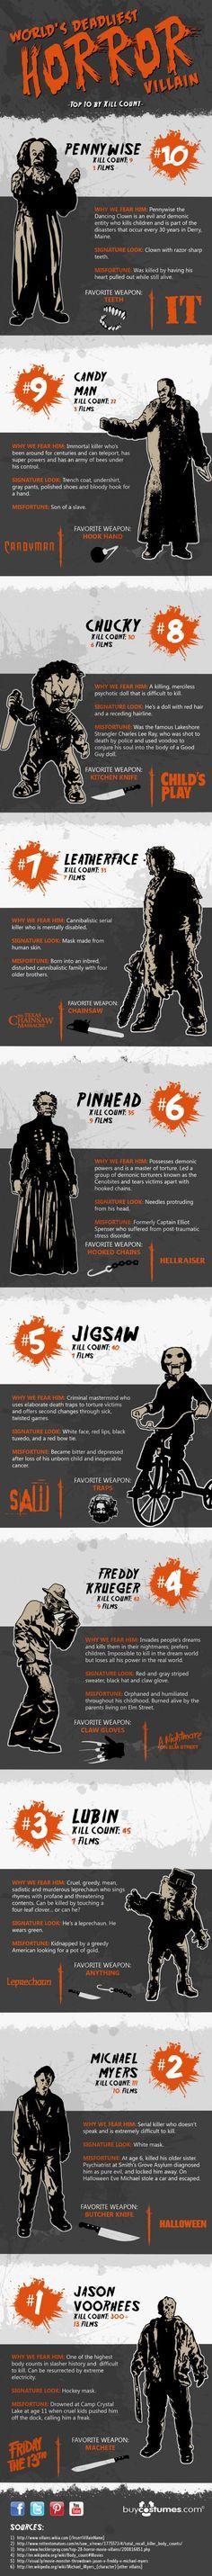 Top 10 Worlds Deadliest Horror Movie Villains